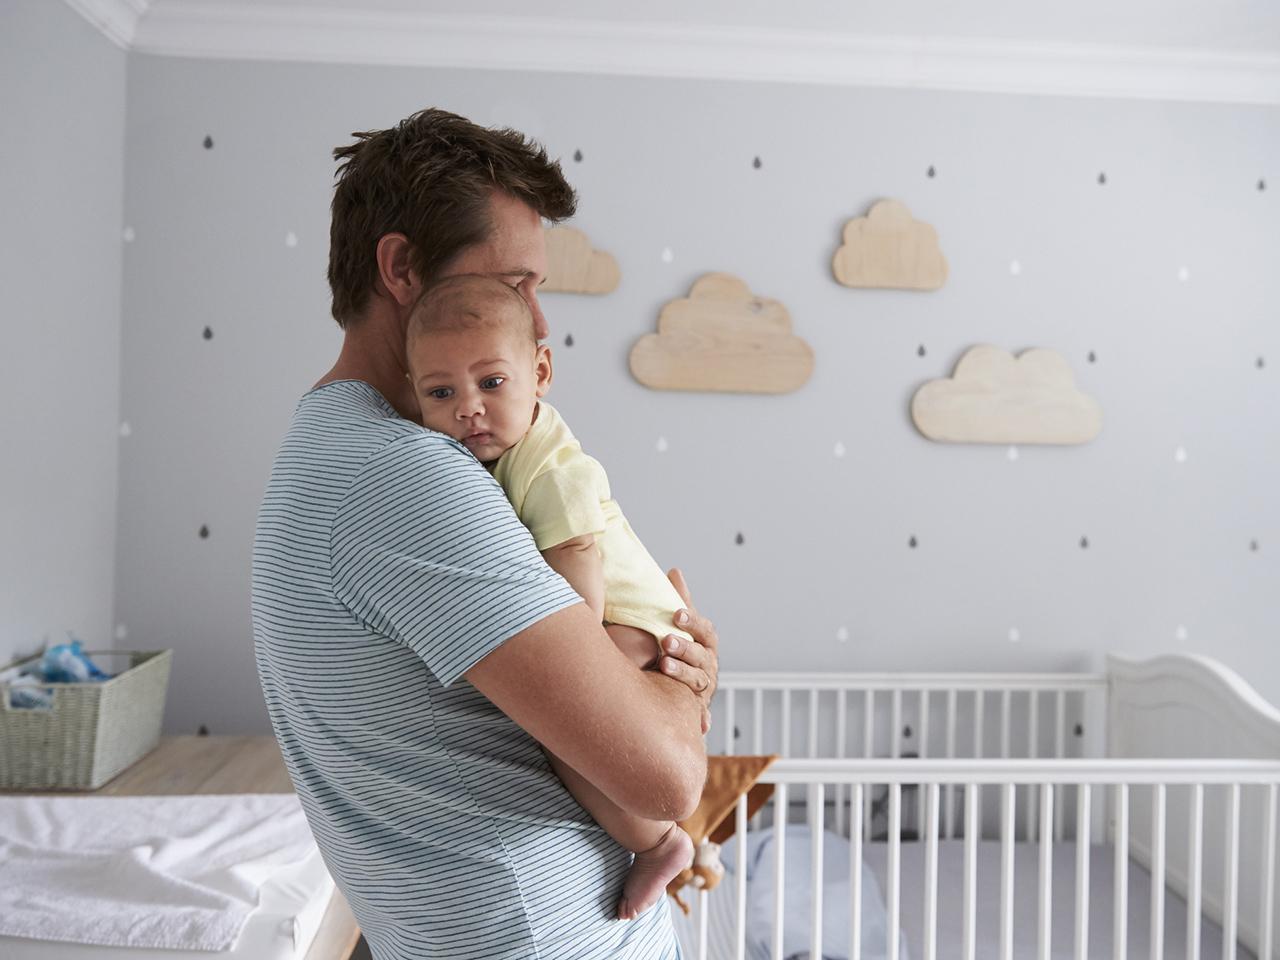 الفواق لدى الأطفال: الأسباب والعلاج